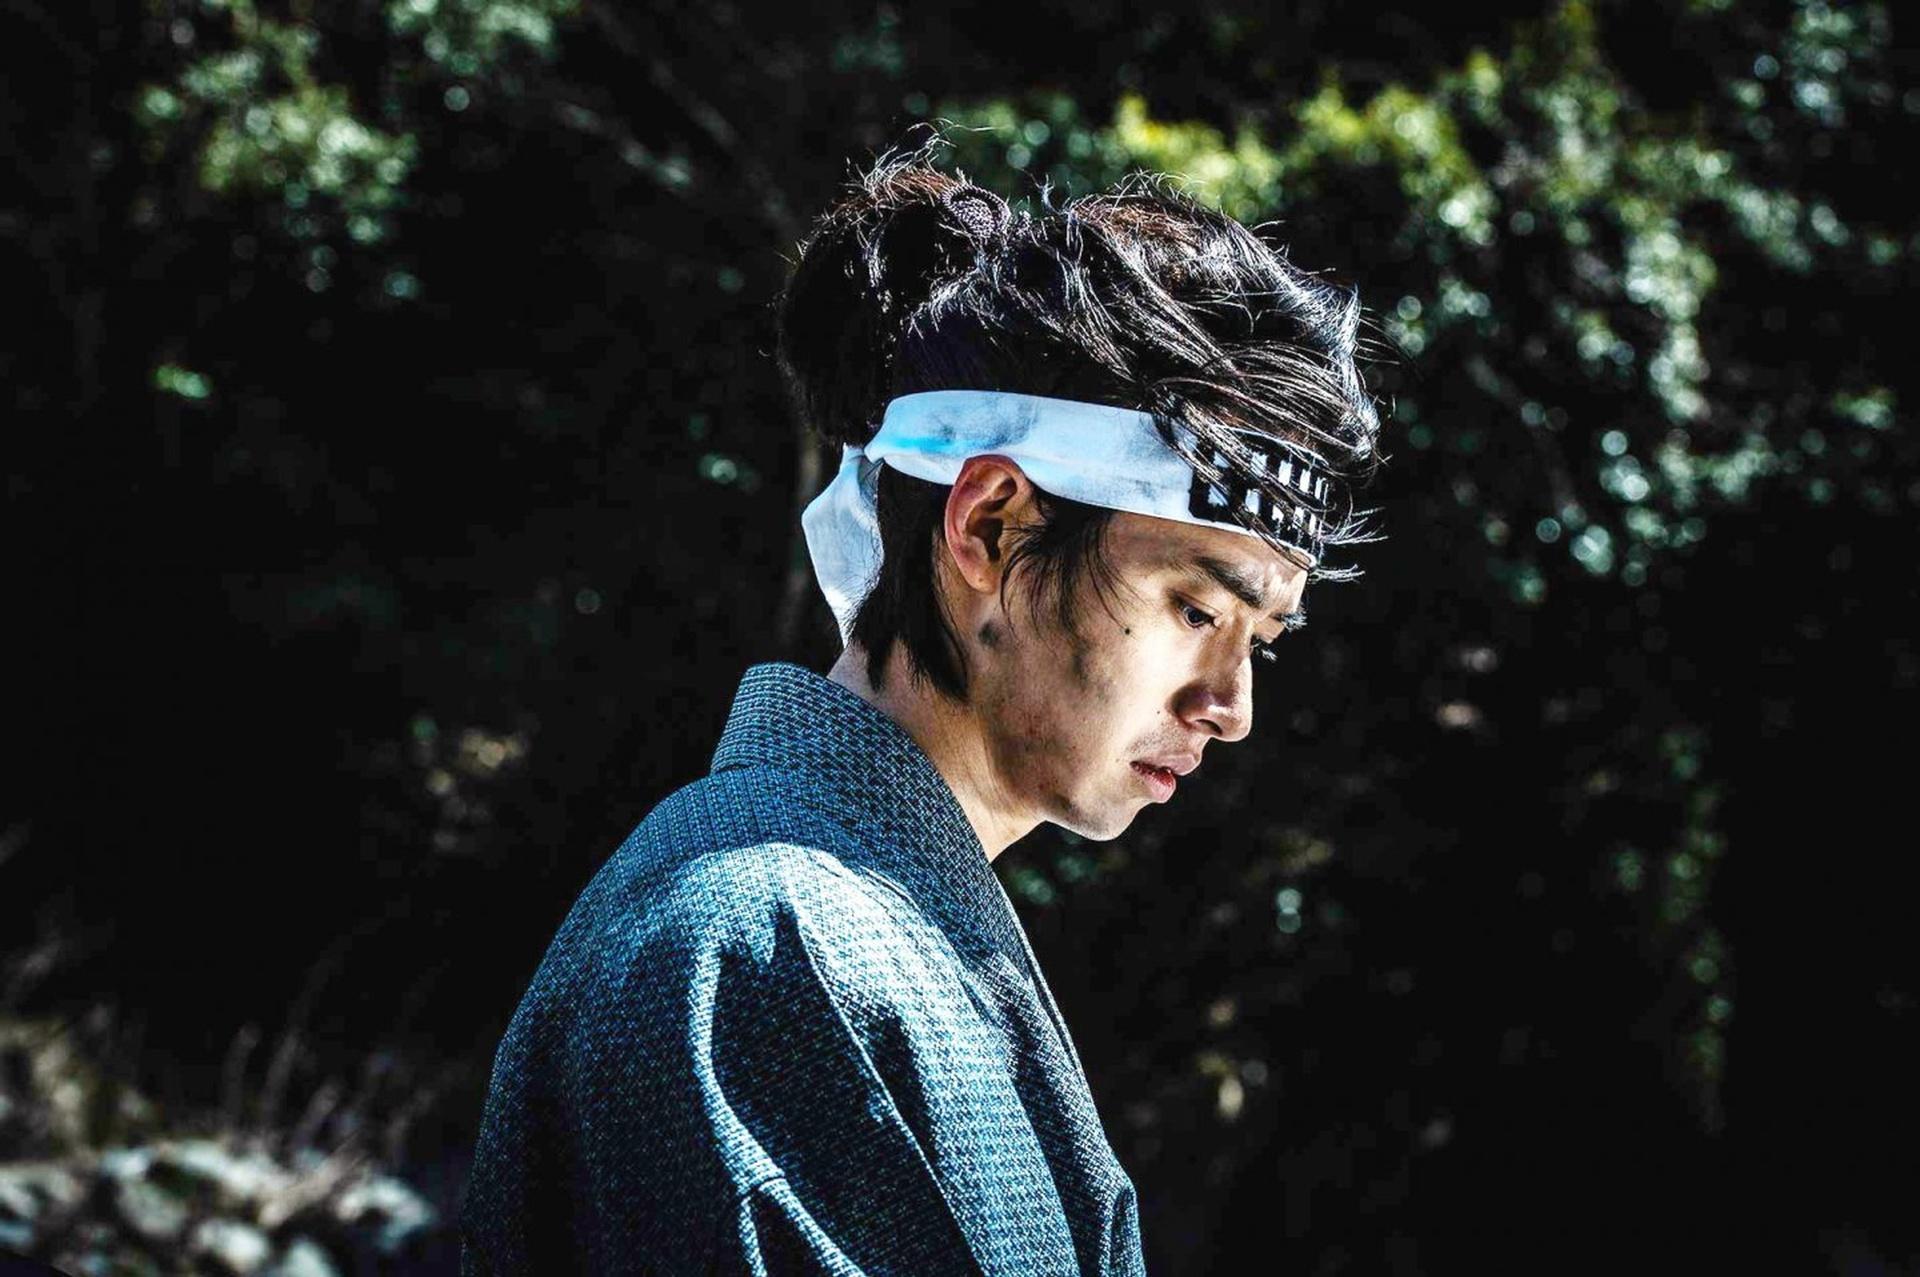 Crazy-samurai-05.jpg